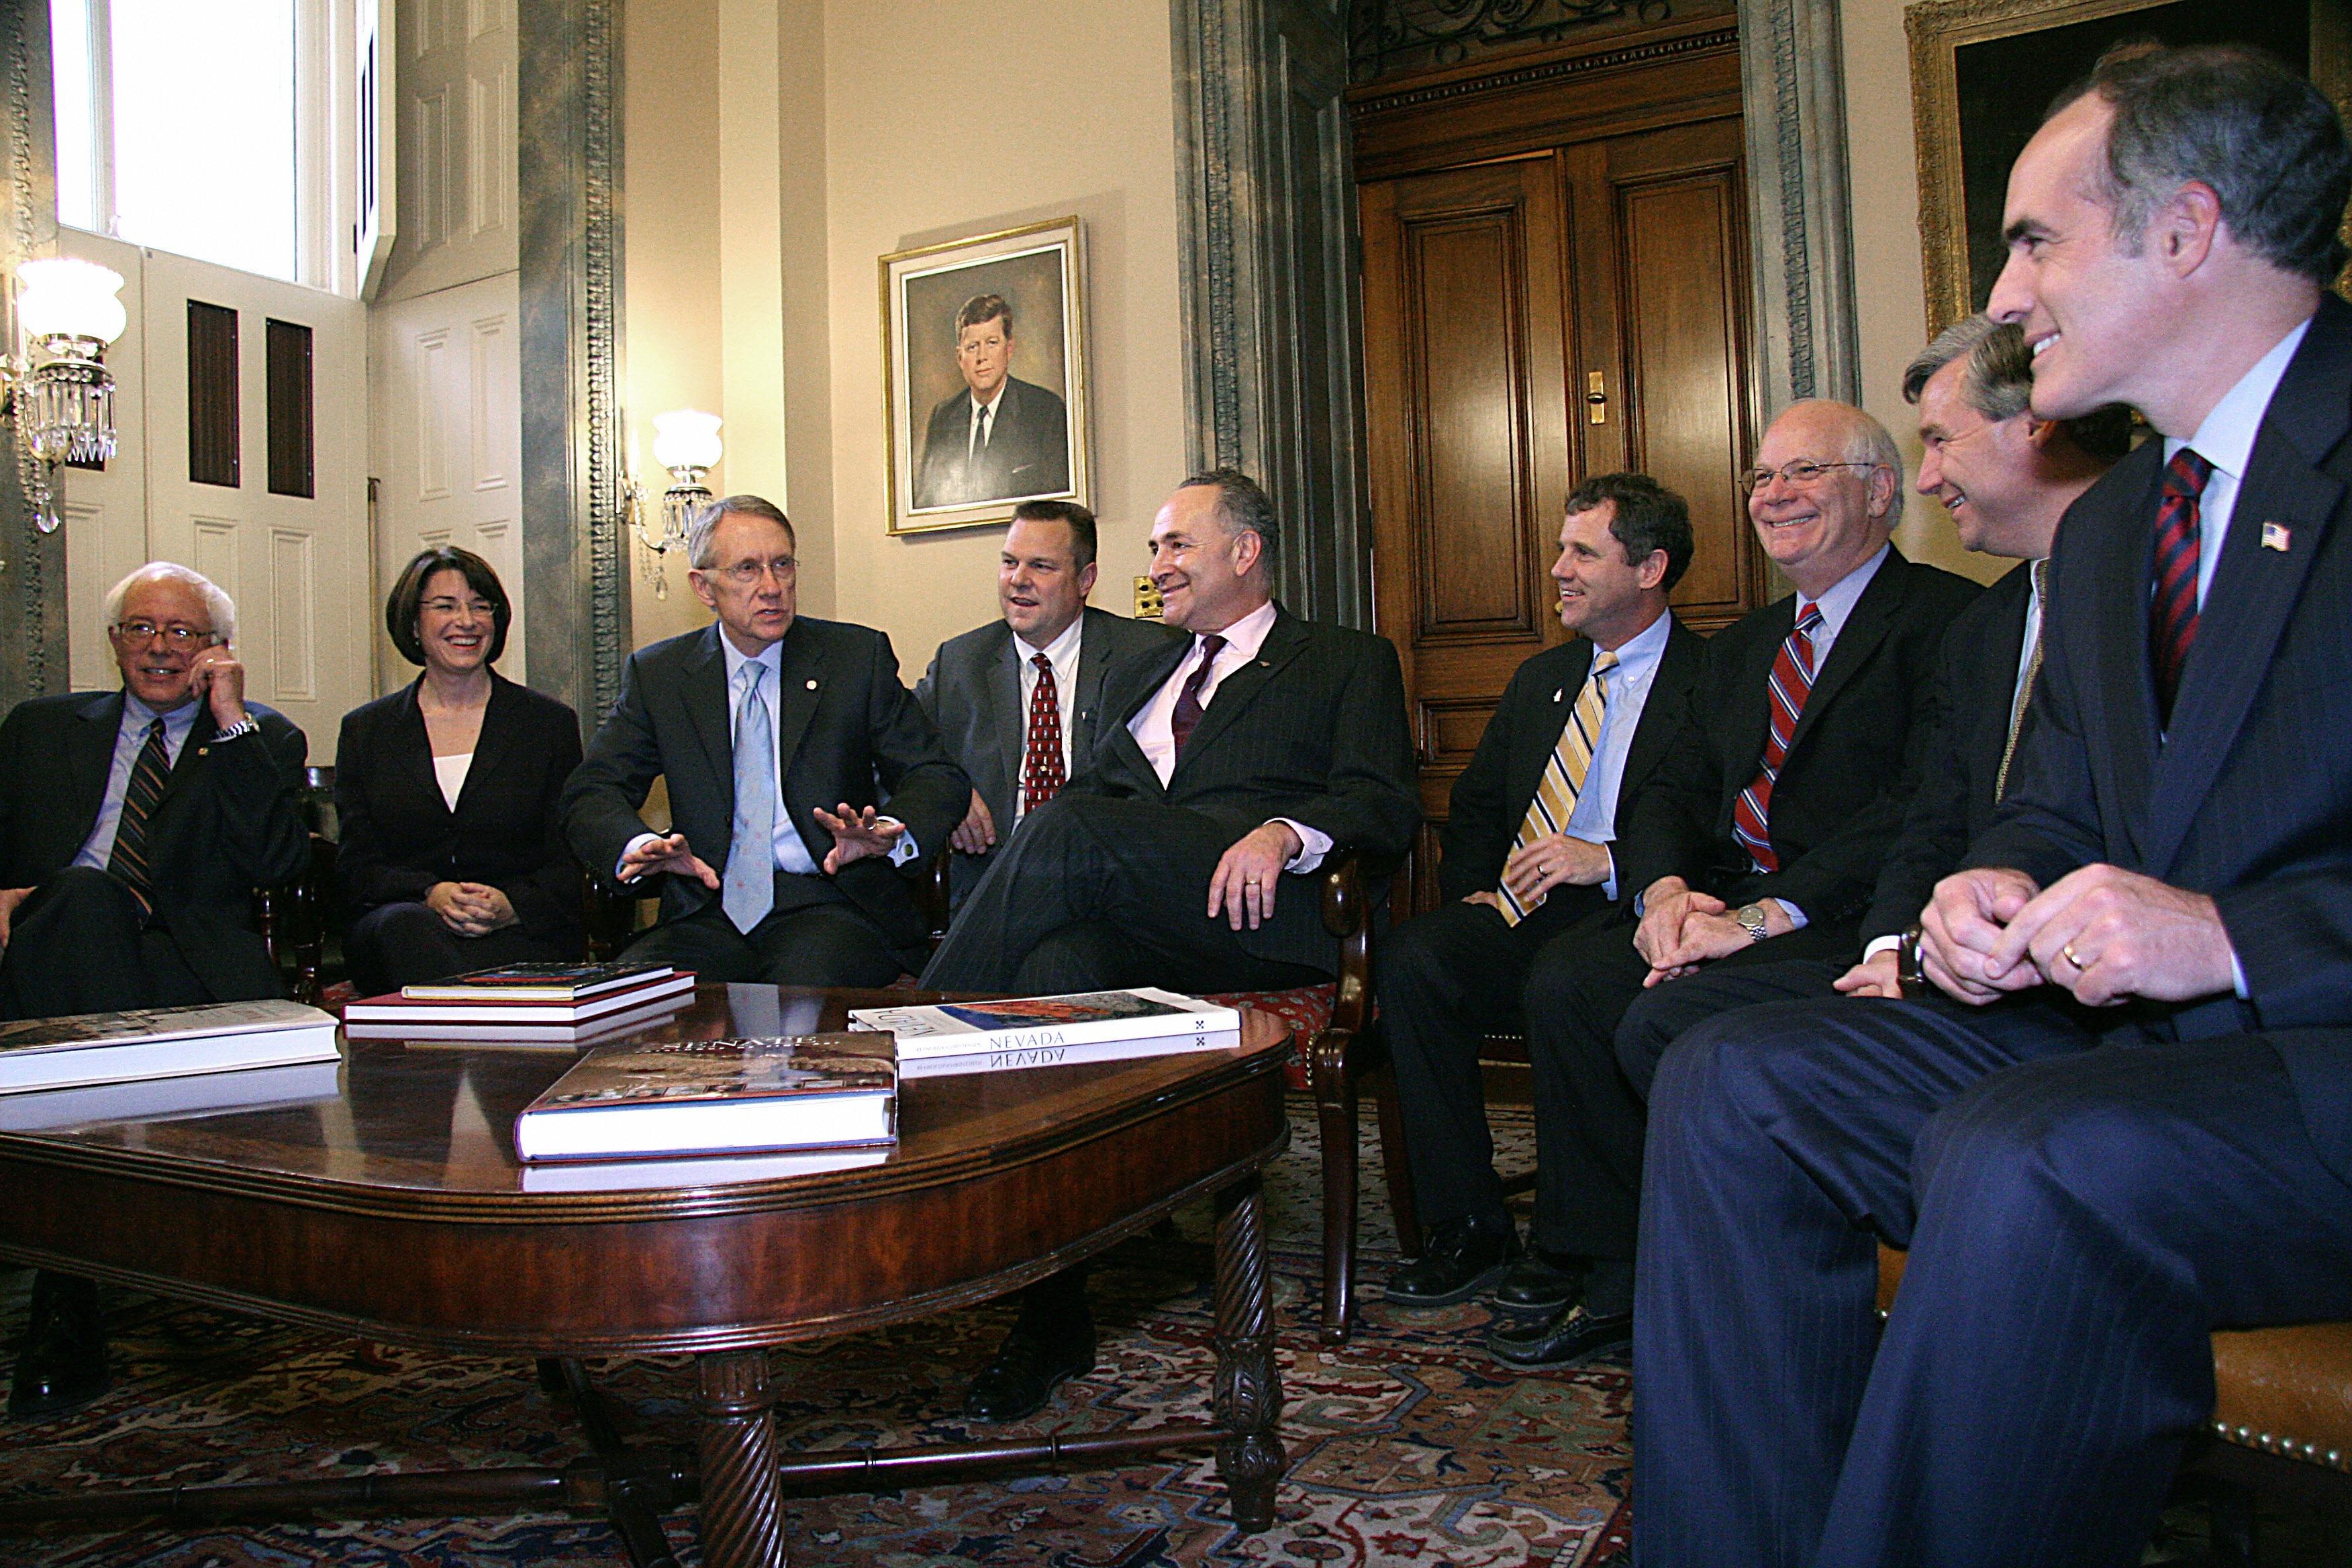 Vermont Sen. Bernie Sanders, far left, and colleagues surround Sen. Charles Schumer, center.